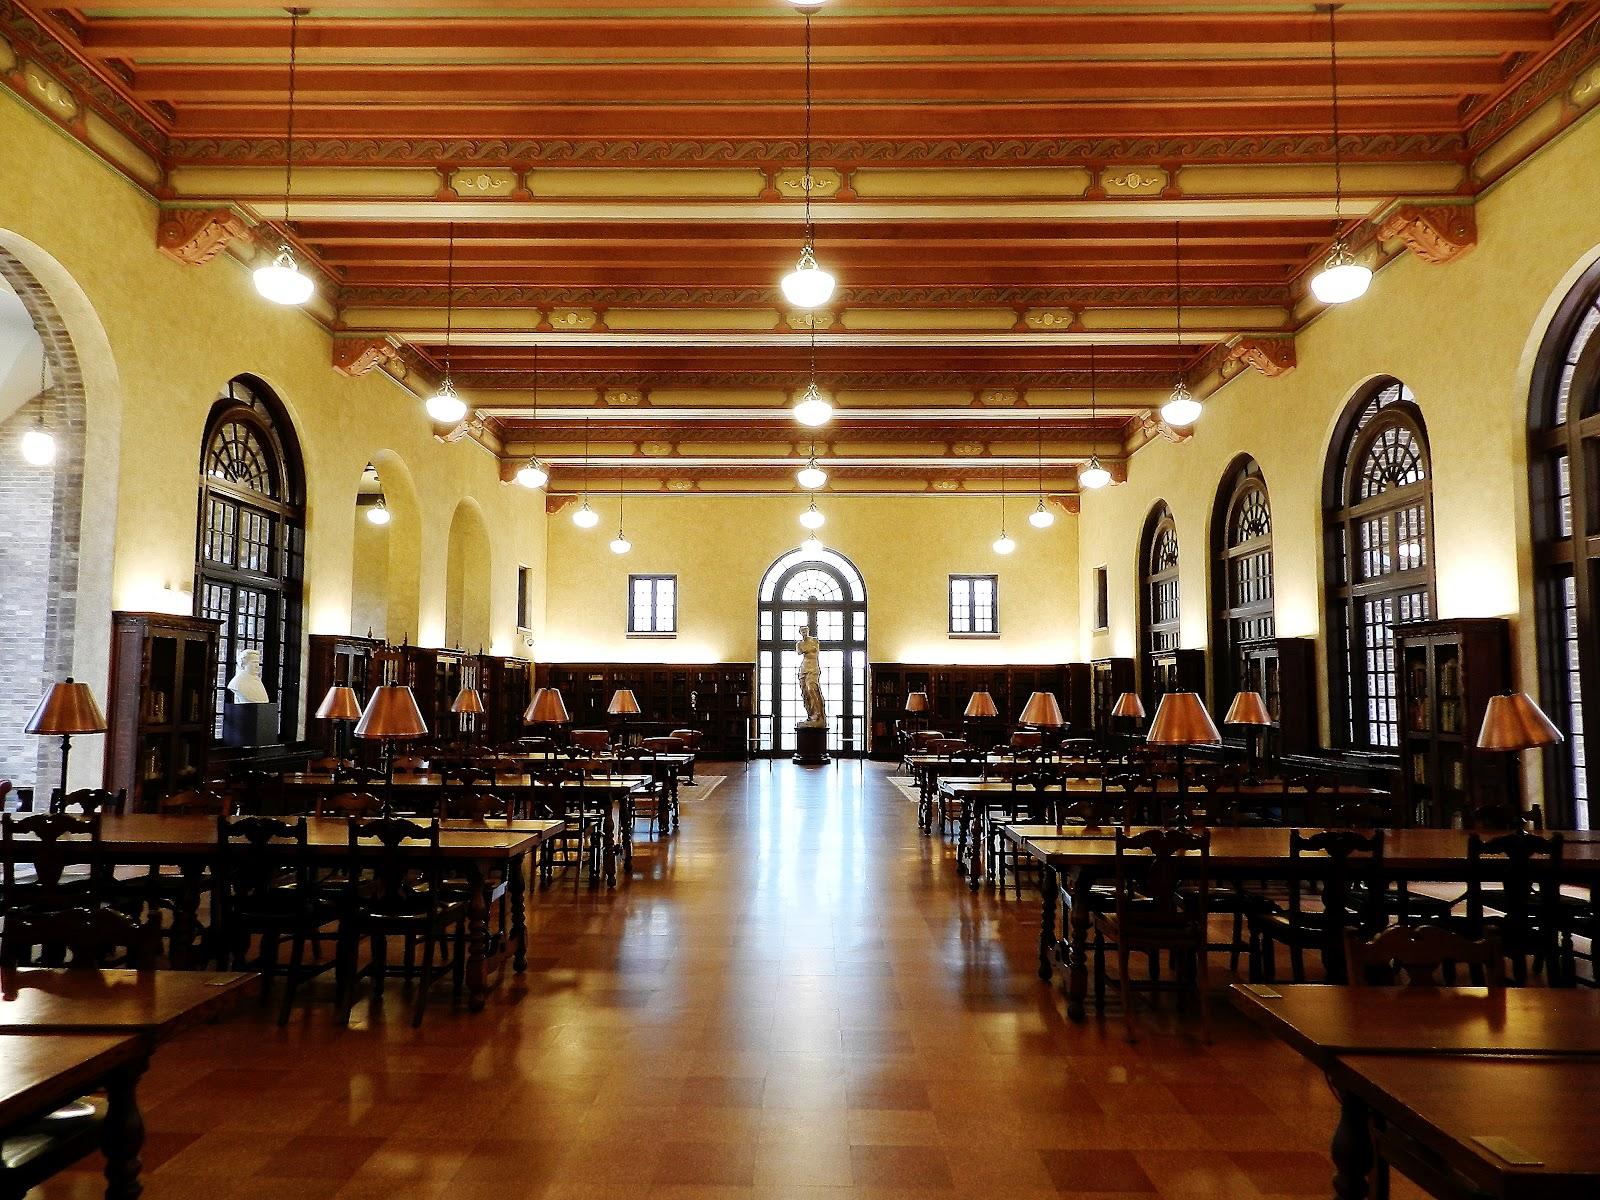 the julia ideson library dear polia the reading room of the julia ideson library houston texas